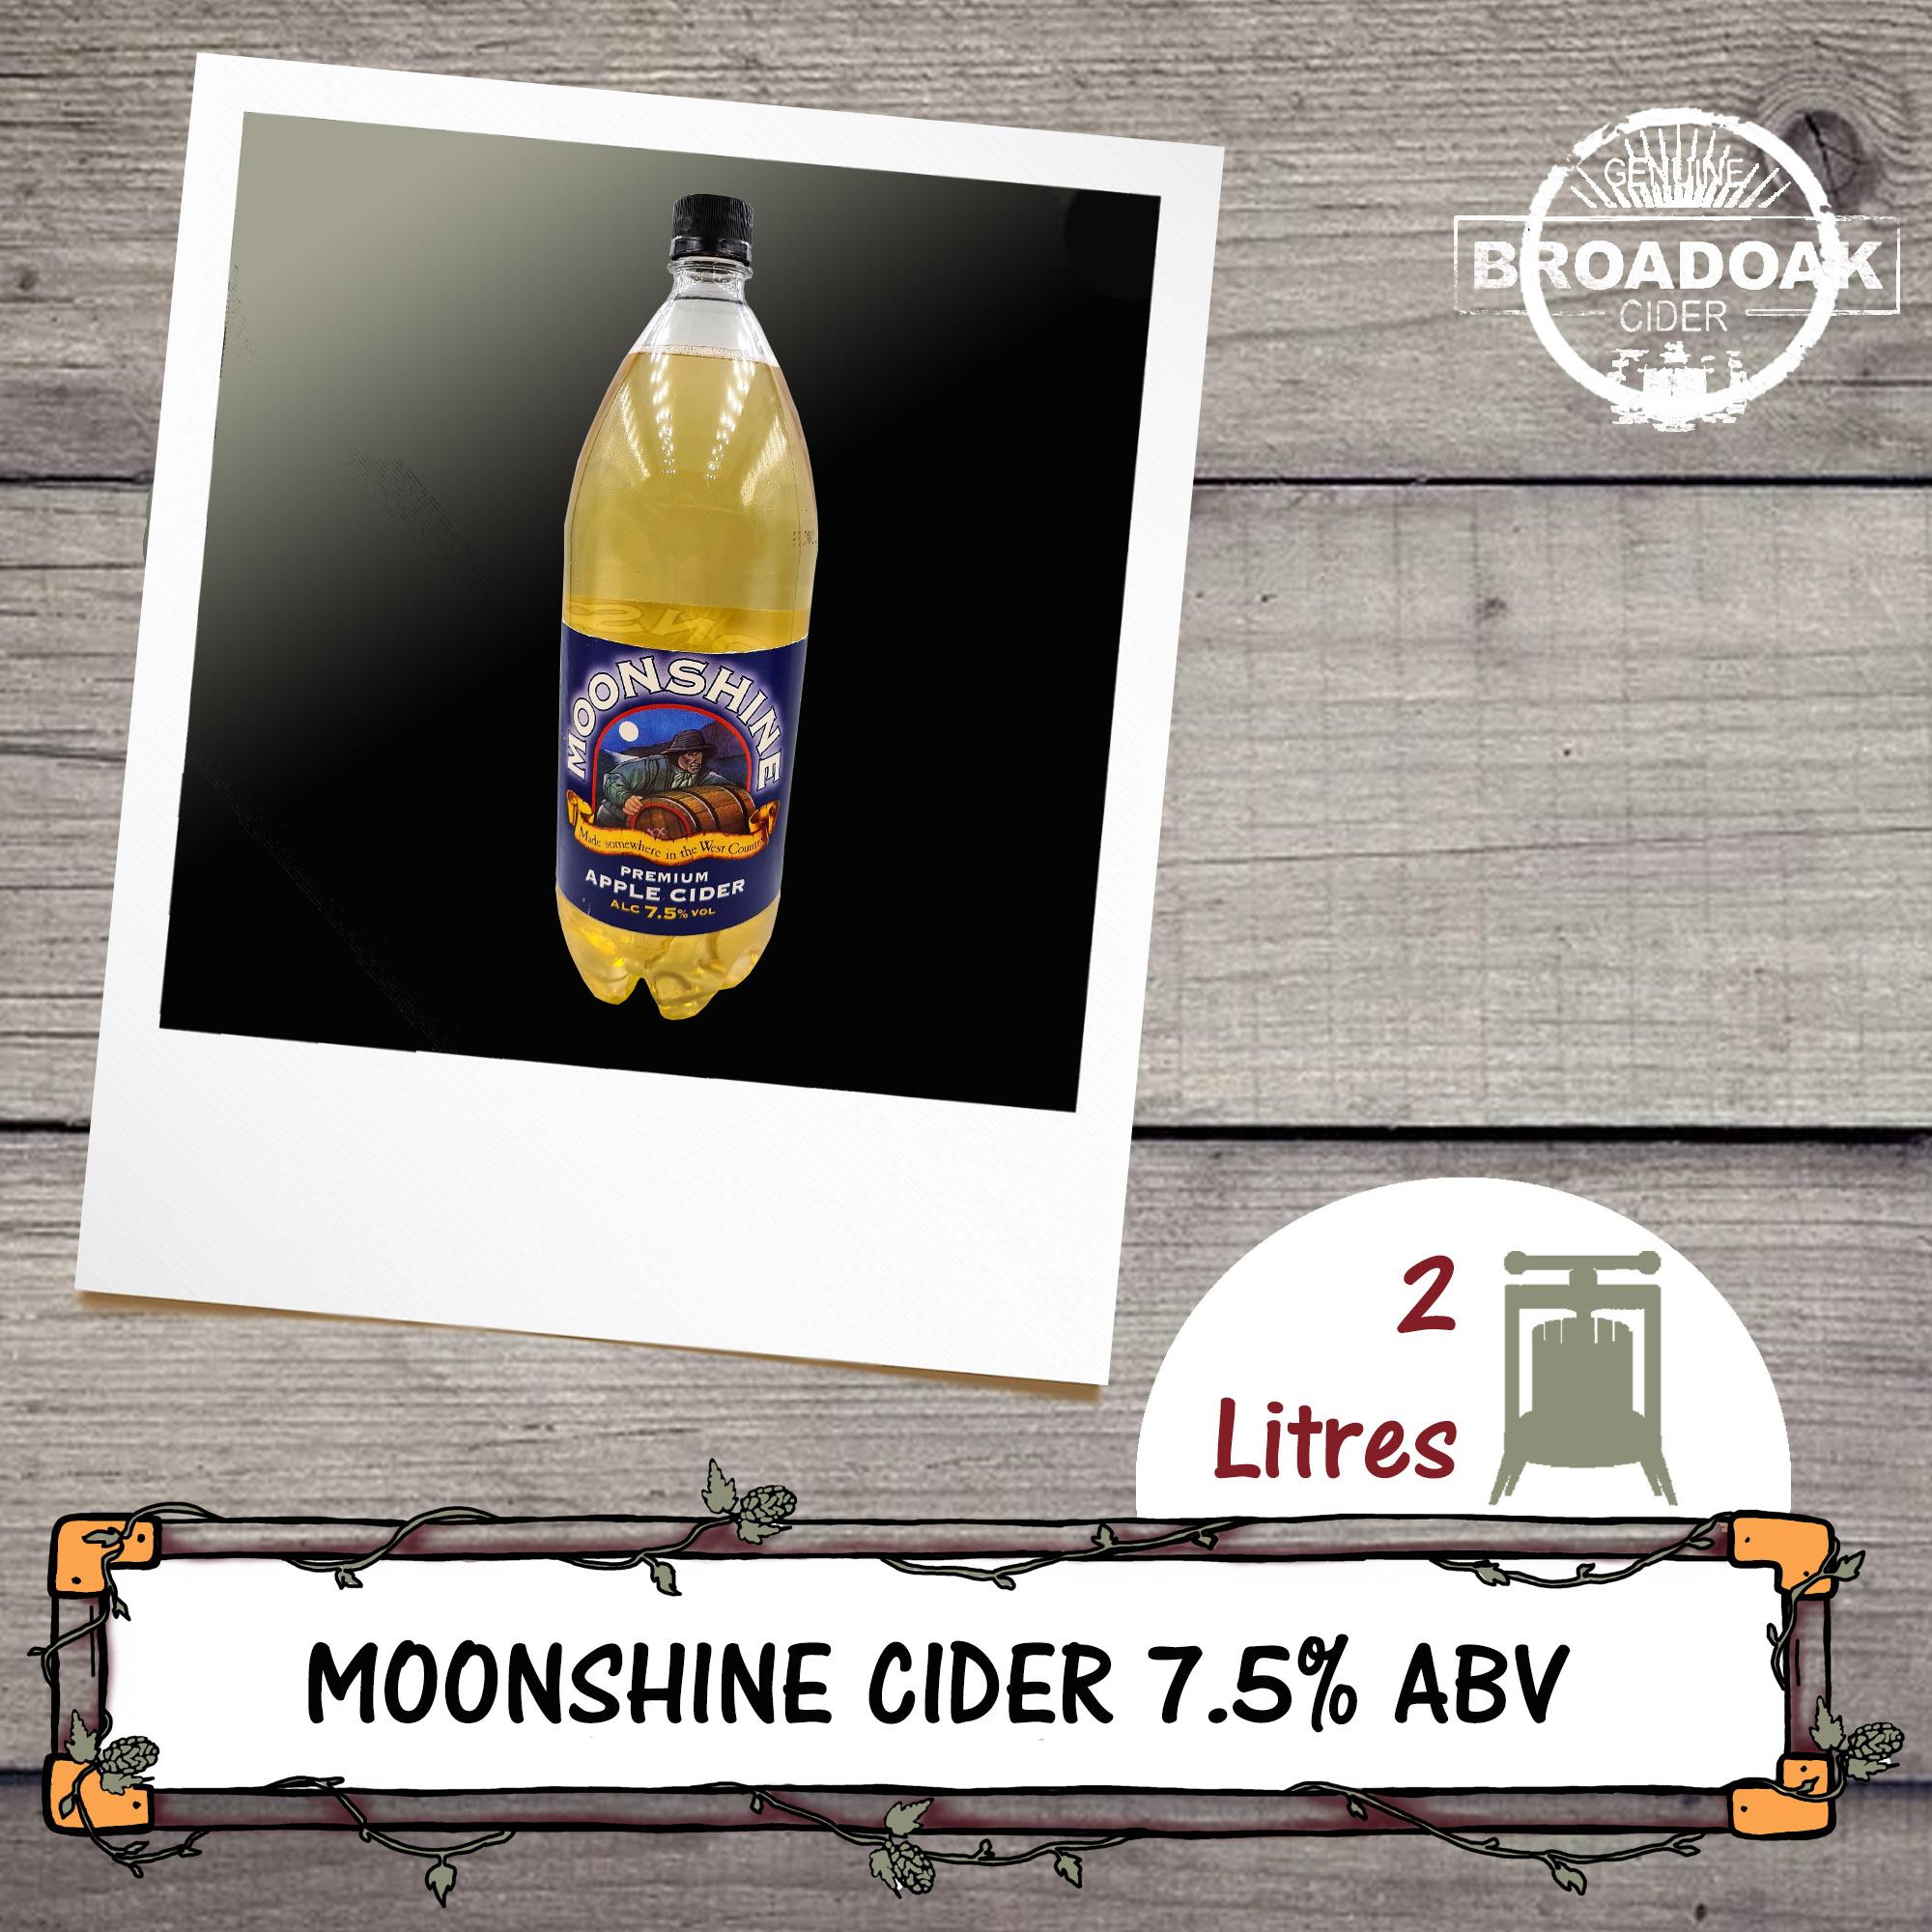 Bottle of Moonshine Cider